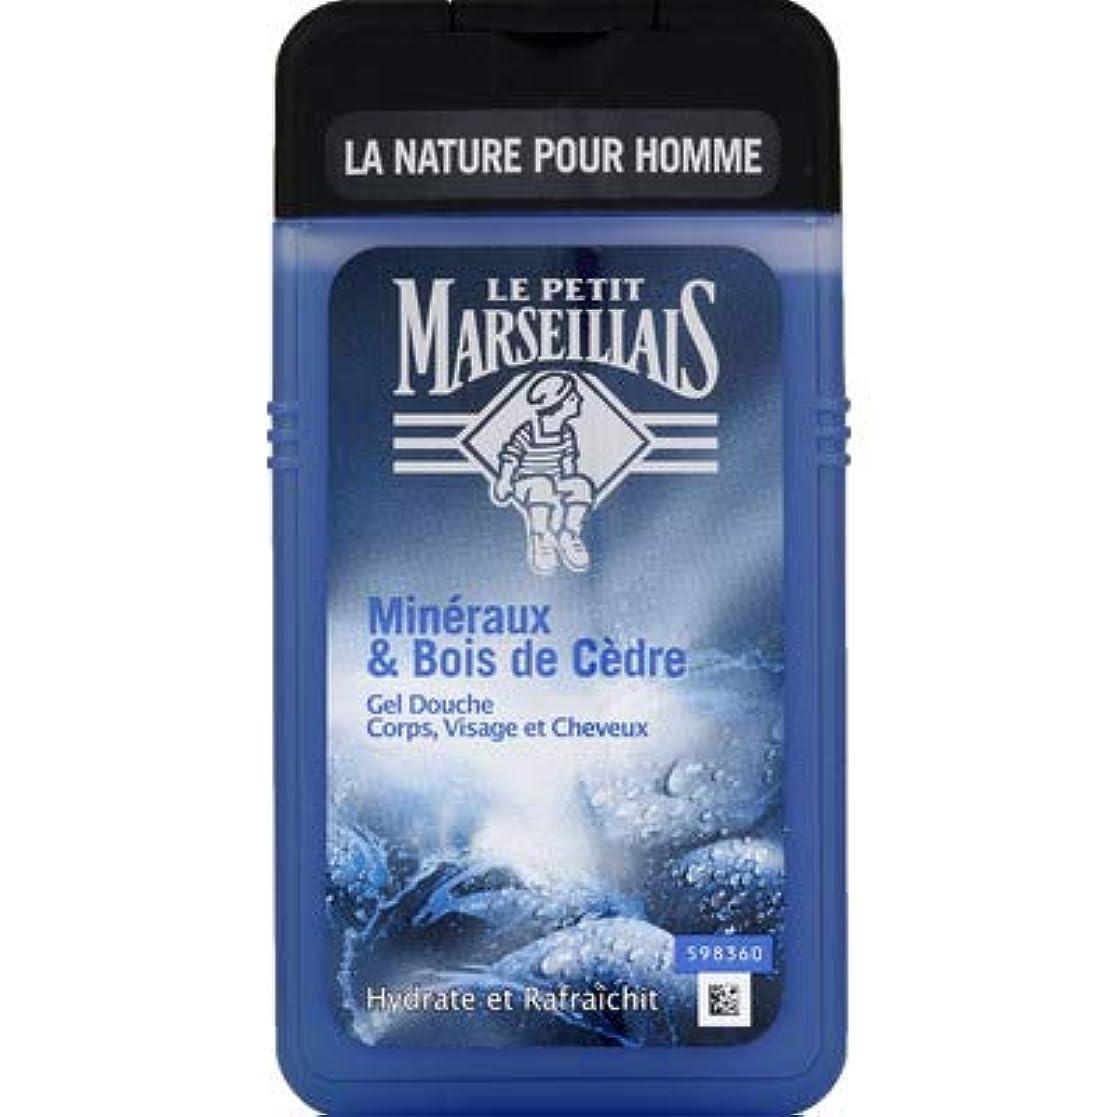 ヤング錫遠いメンズ用 顔?髪?体 ボディウォッシュ「ミネラル」と「シダーウッド」シャワージェル フランスの「ル?プティ?マルセイユ (Le Petit Marseillais)」 250ml